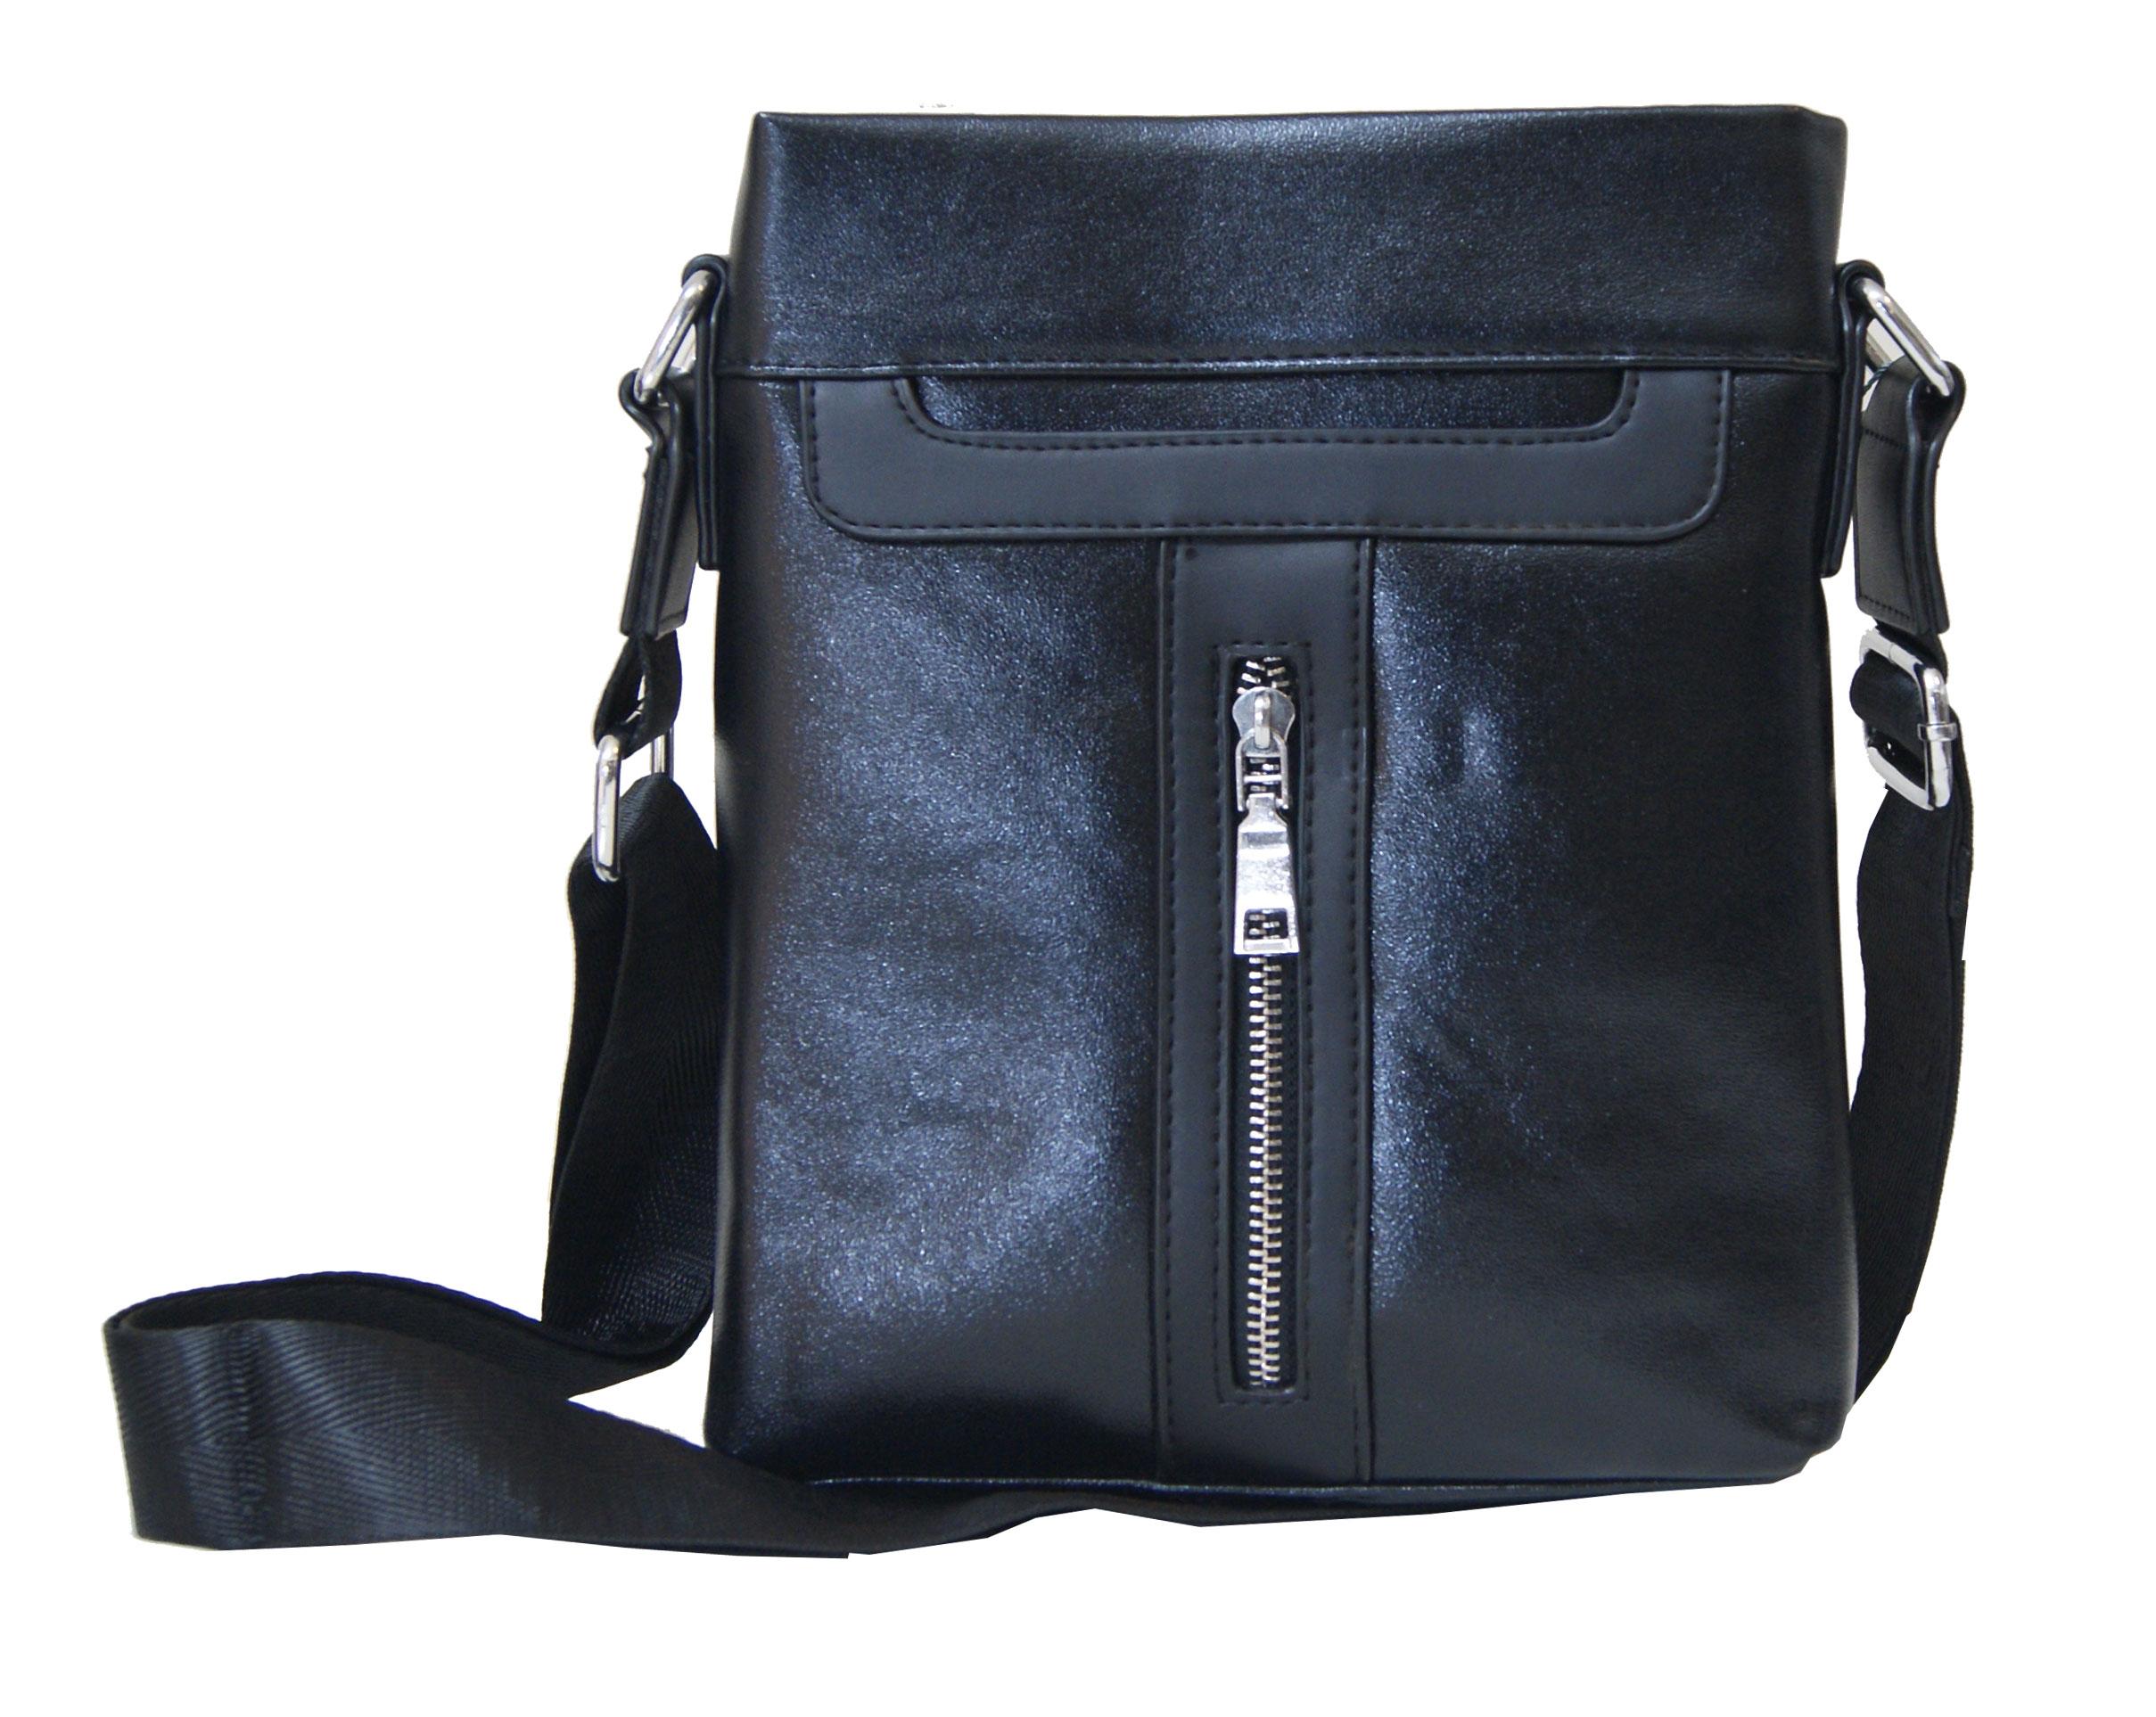 Τσάντα ώμου ανδρική Νο 8813 - Μαύρη